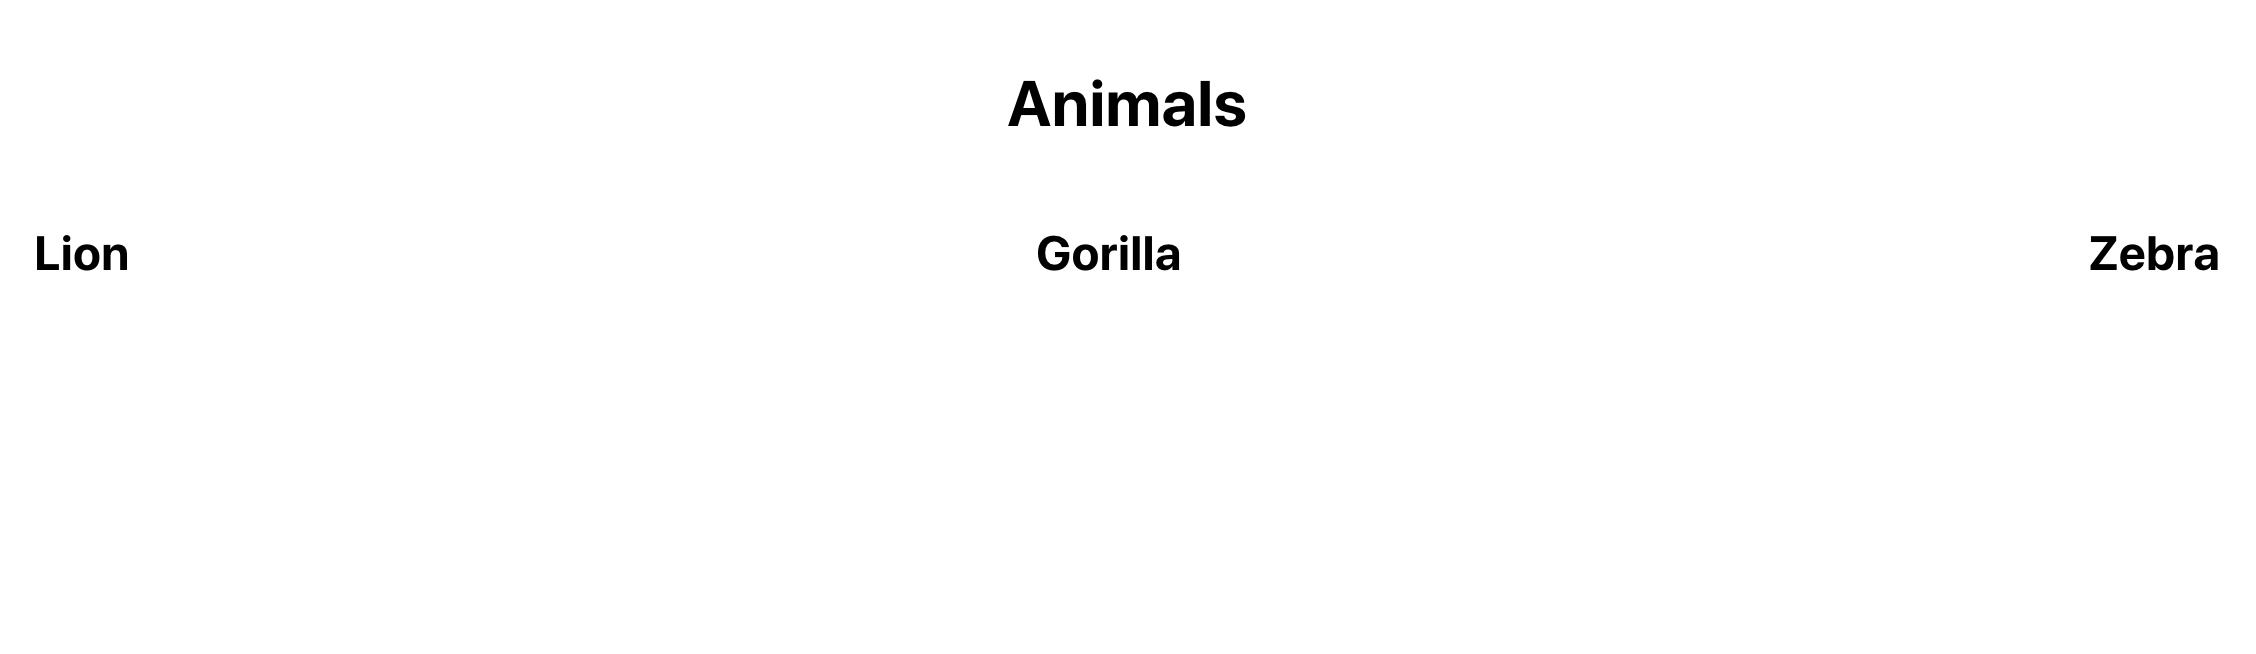 Projets React avec des noms d'animaux rendus